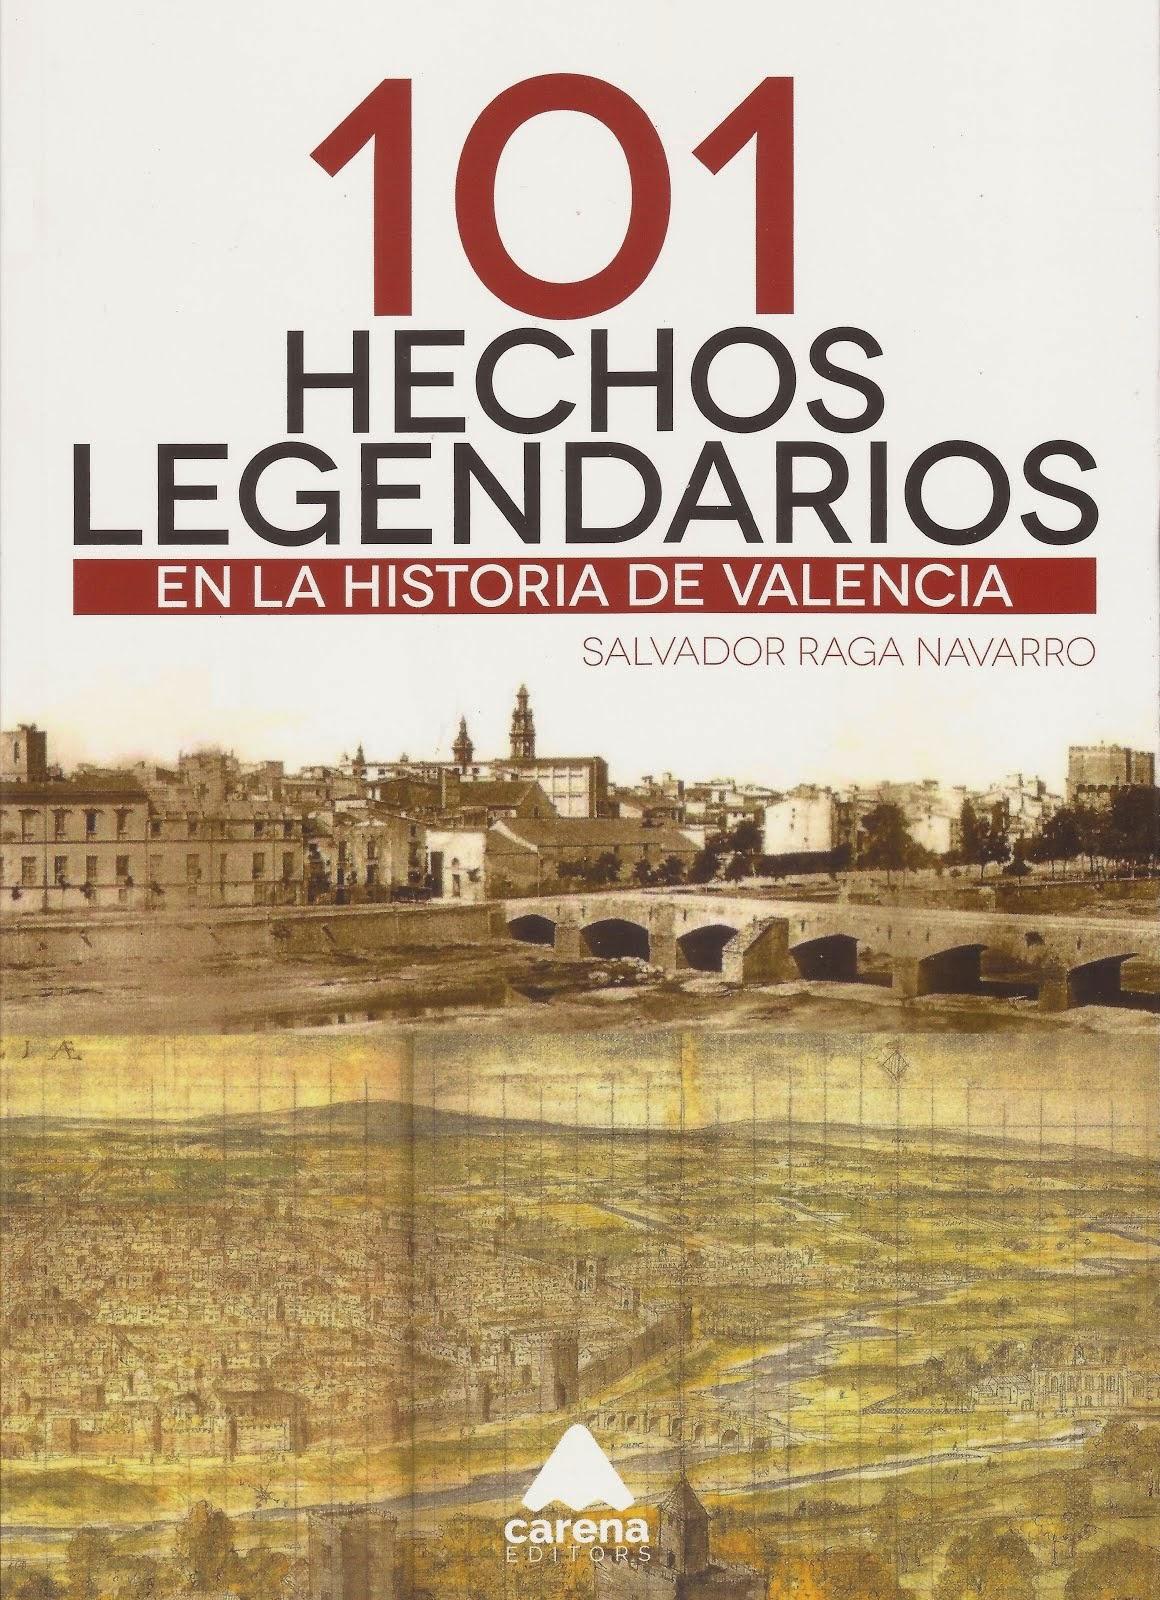 Nuestros libros a beneficio íntegro de la solidaridad valencianista.